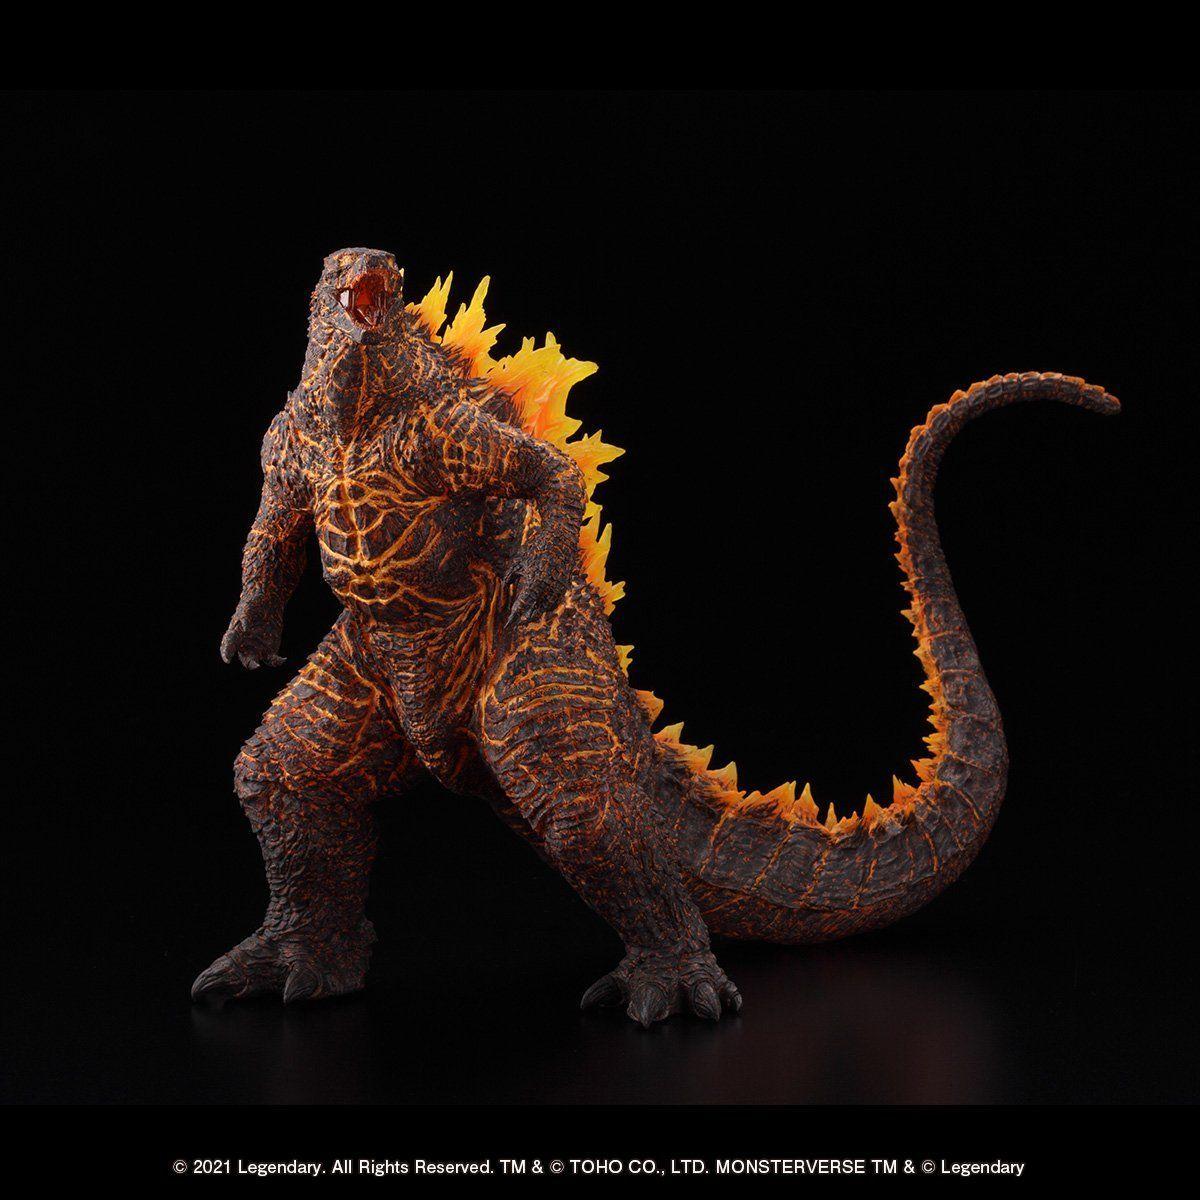 超激造シリーズ『GODZILLA(2019)BURNING Ver.』ゴジラ キング・オブ・モンスターズ 完成品フィギュア-002